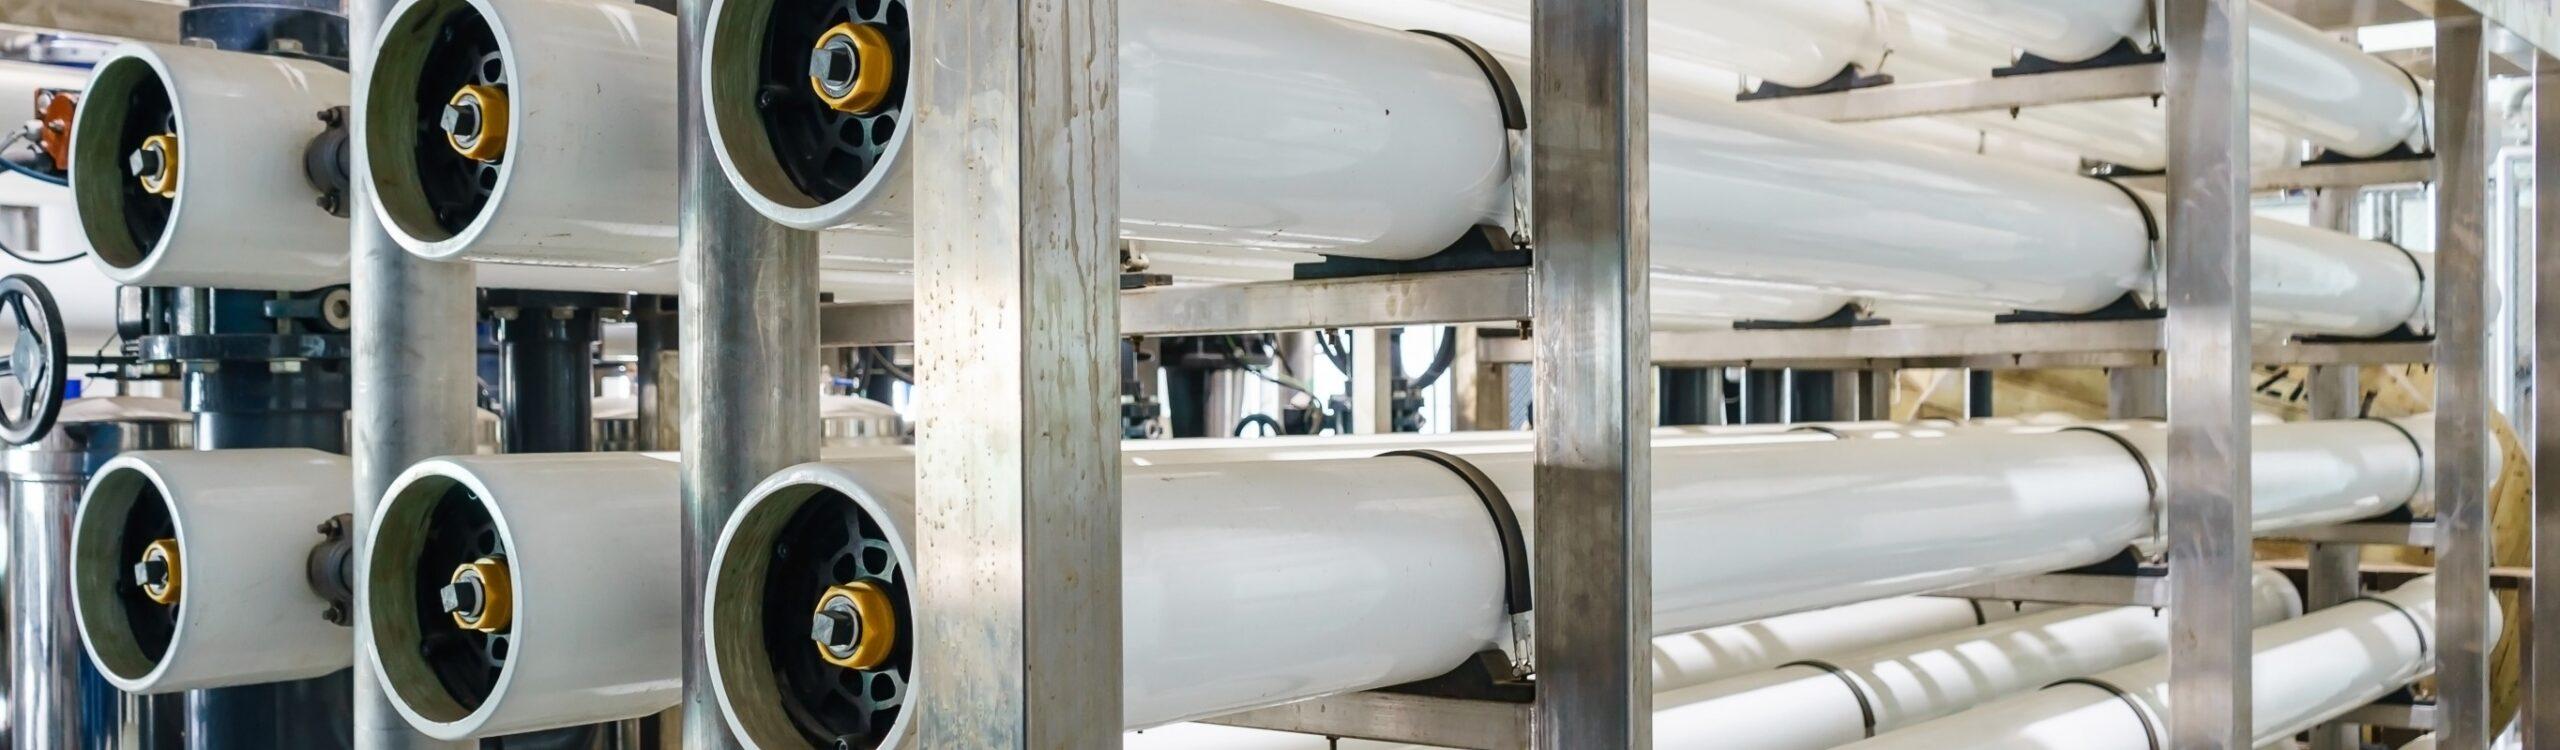 CASE STUDY: Molykote 111 nei processi di desalinizzazione dell'acqua